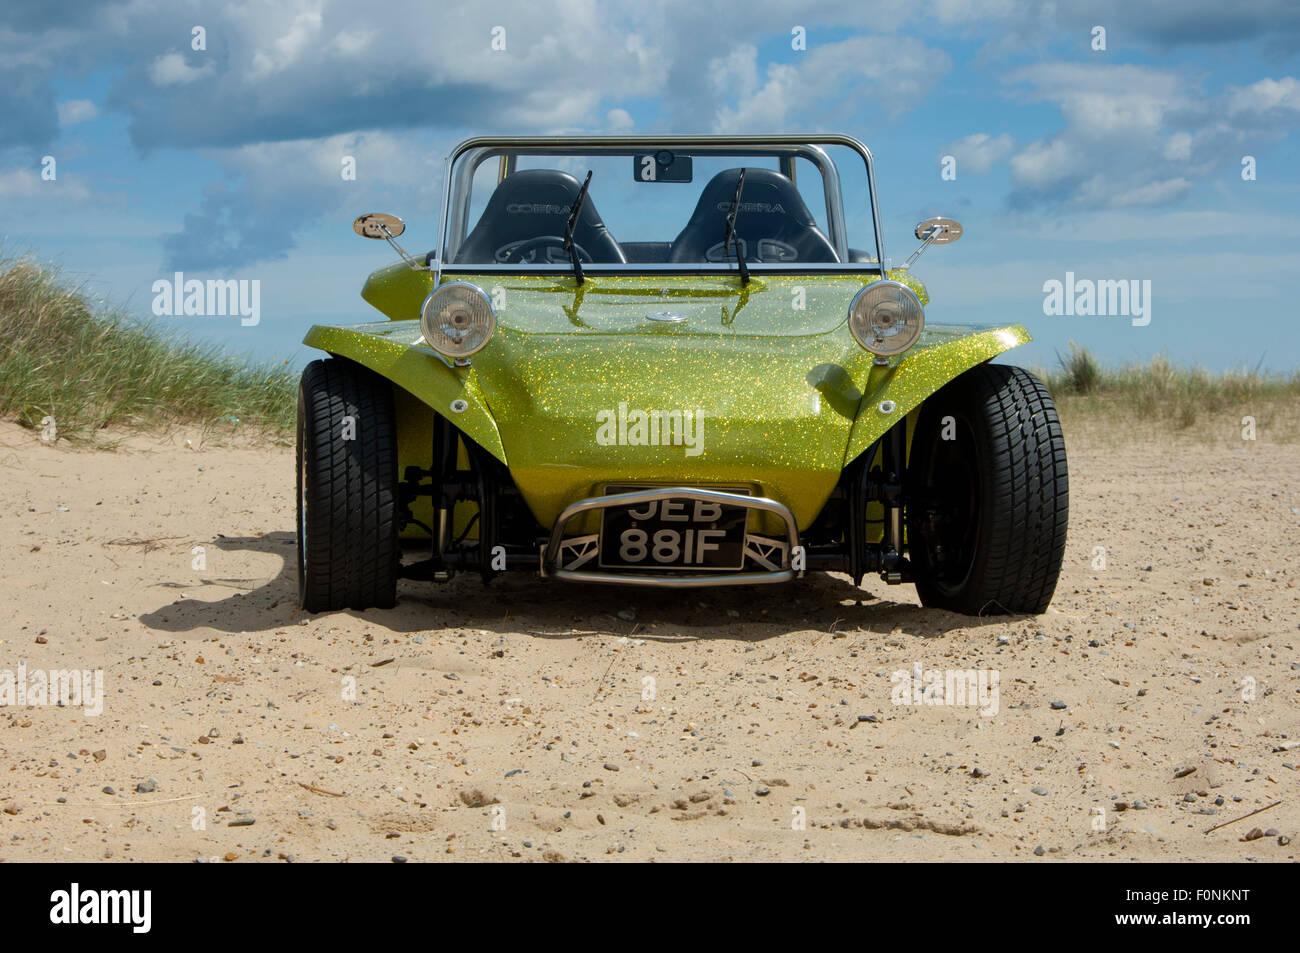 Beach buggy on a sandy beach  VW Beetle based dune buggy car Stock